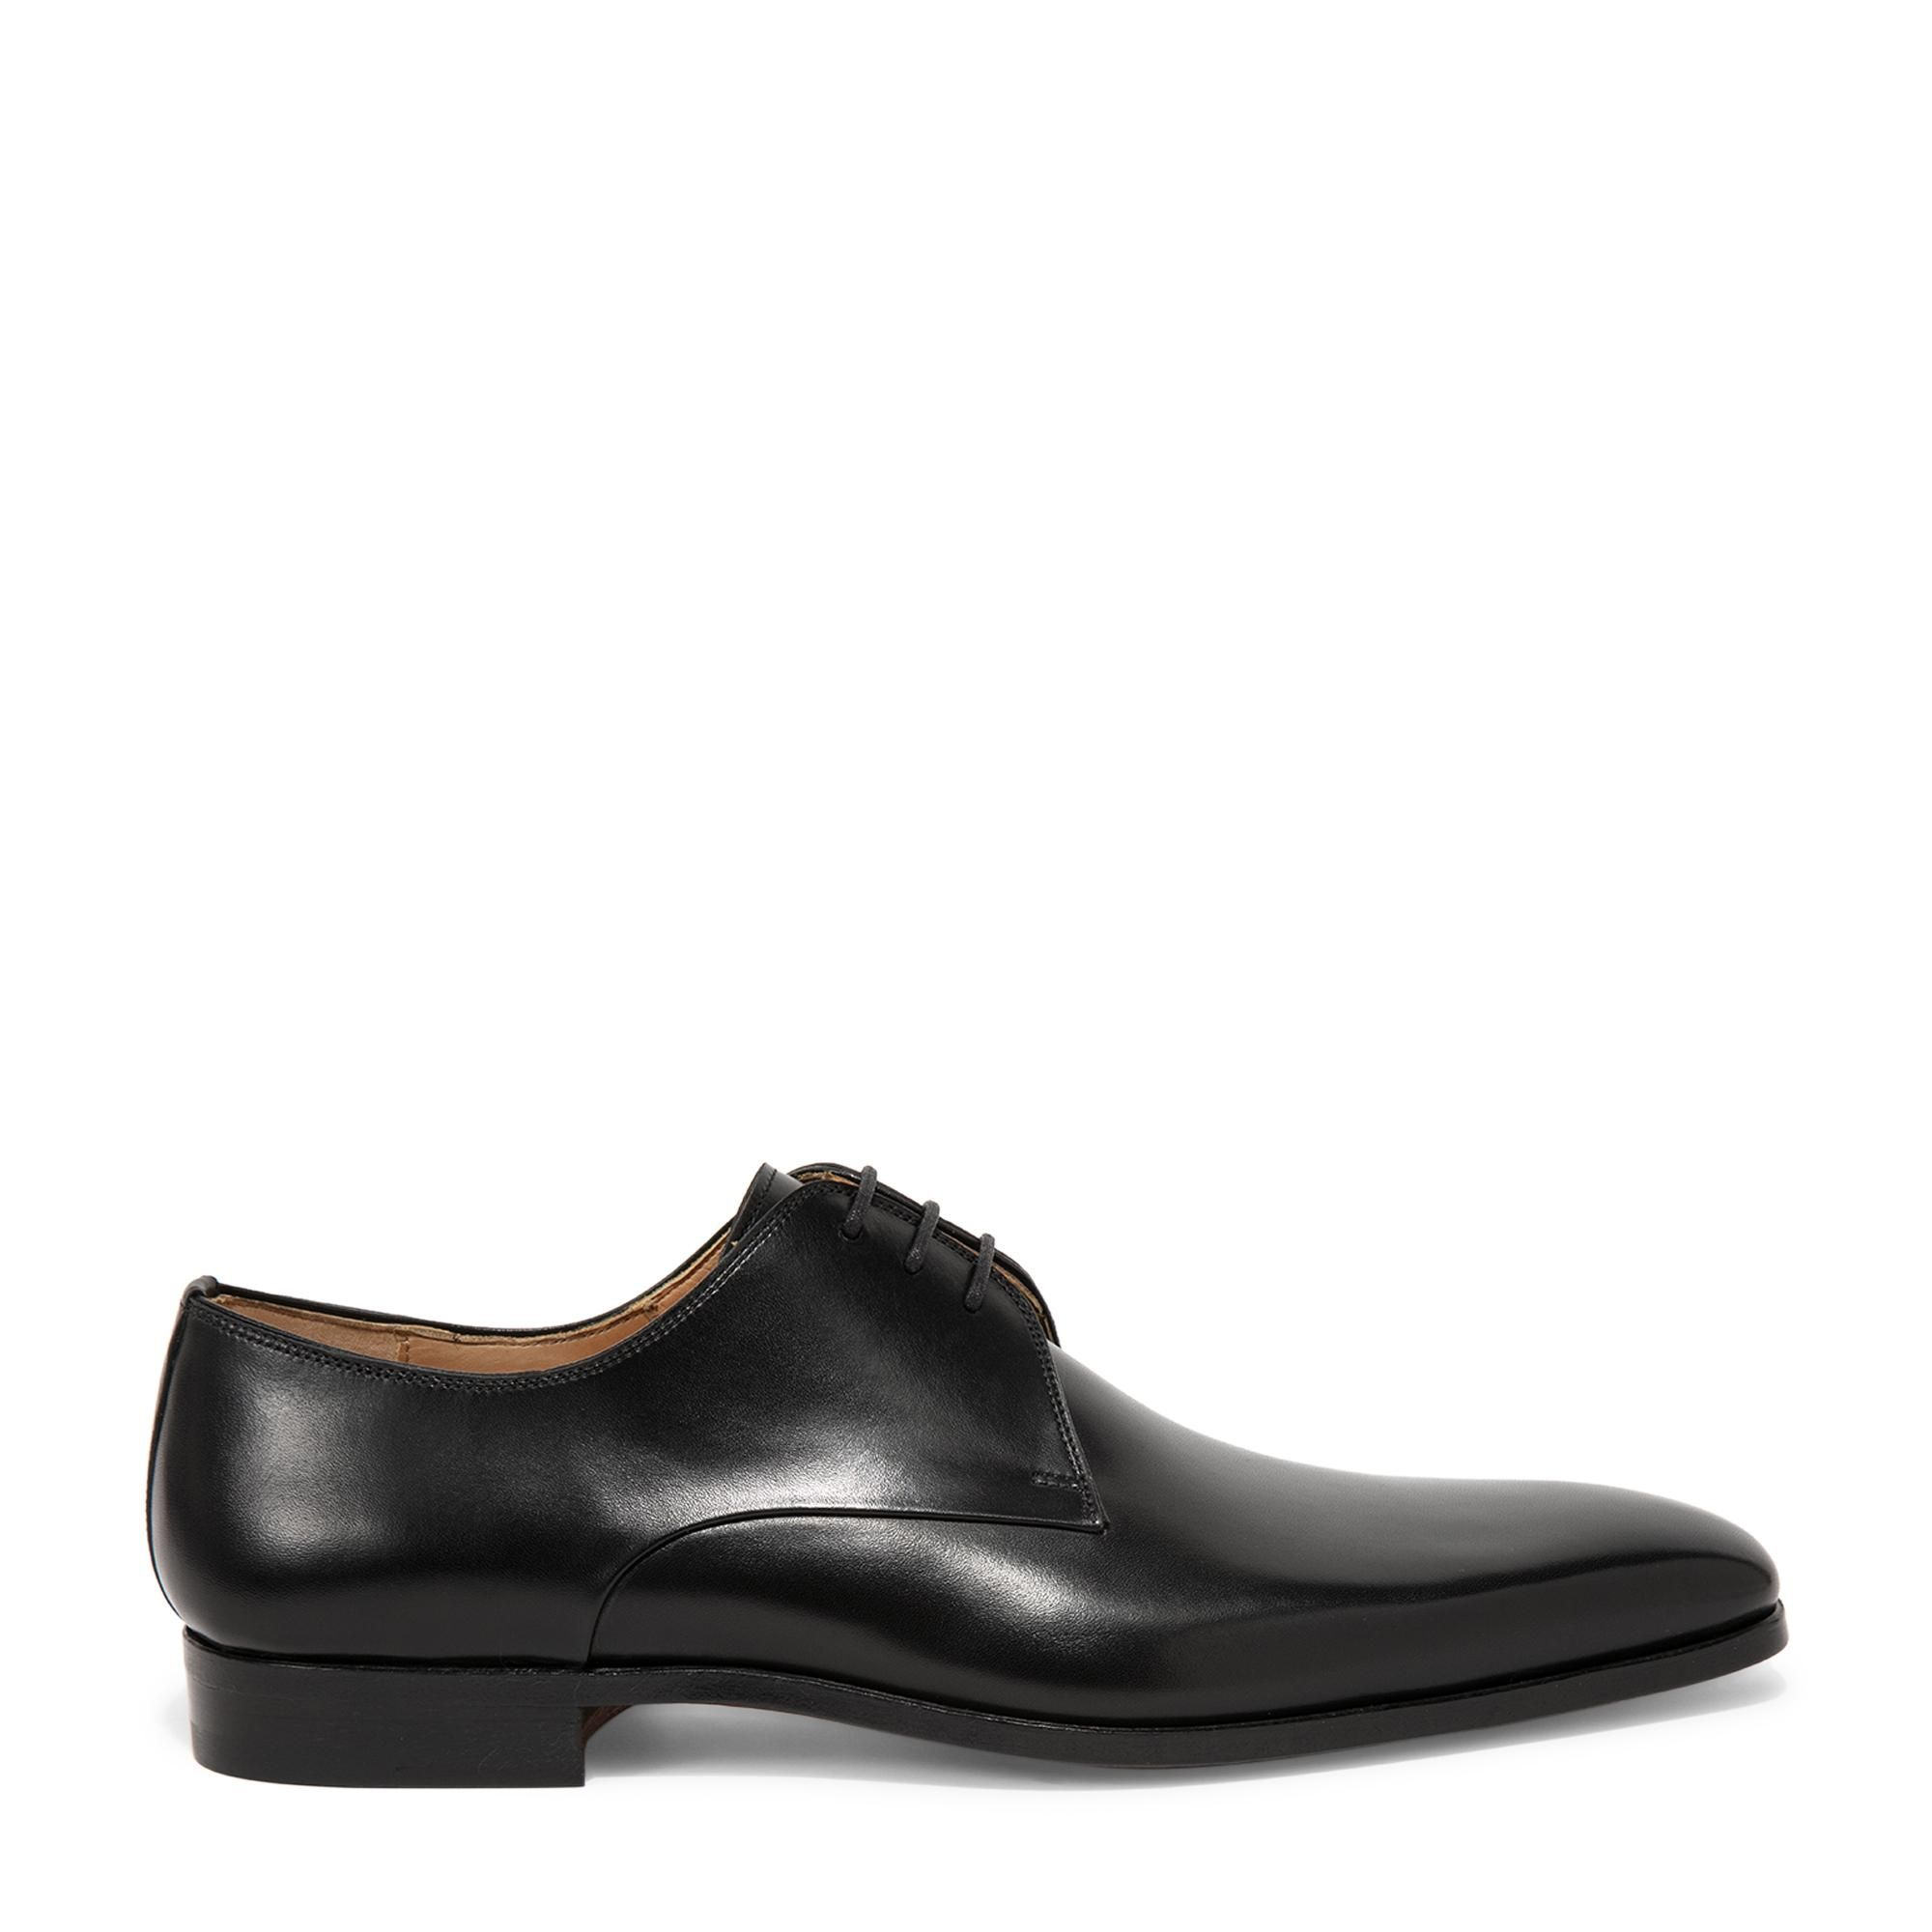 حذاء مزود بالأربطة بطراز ديربي